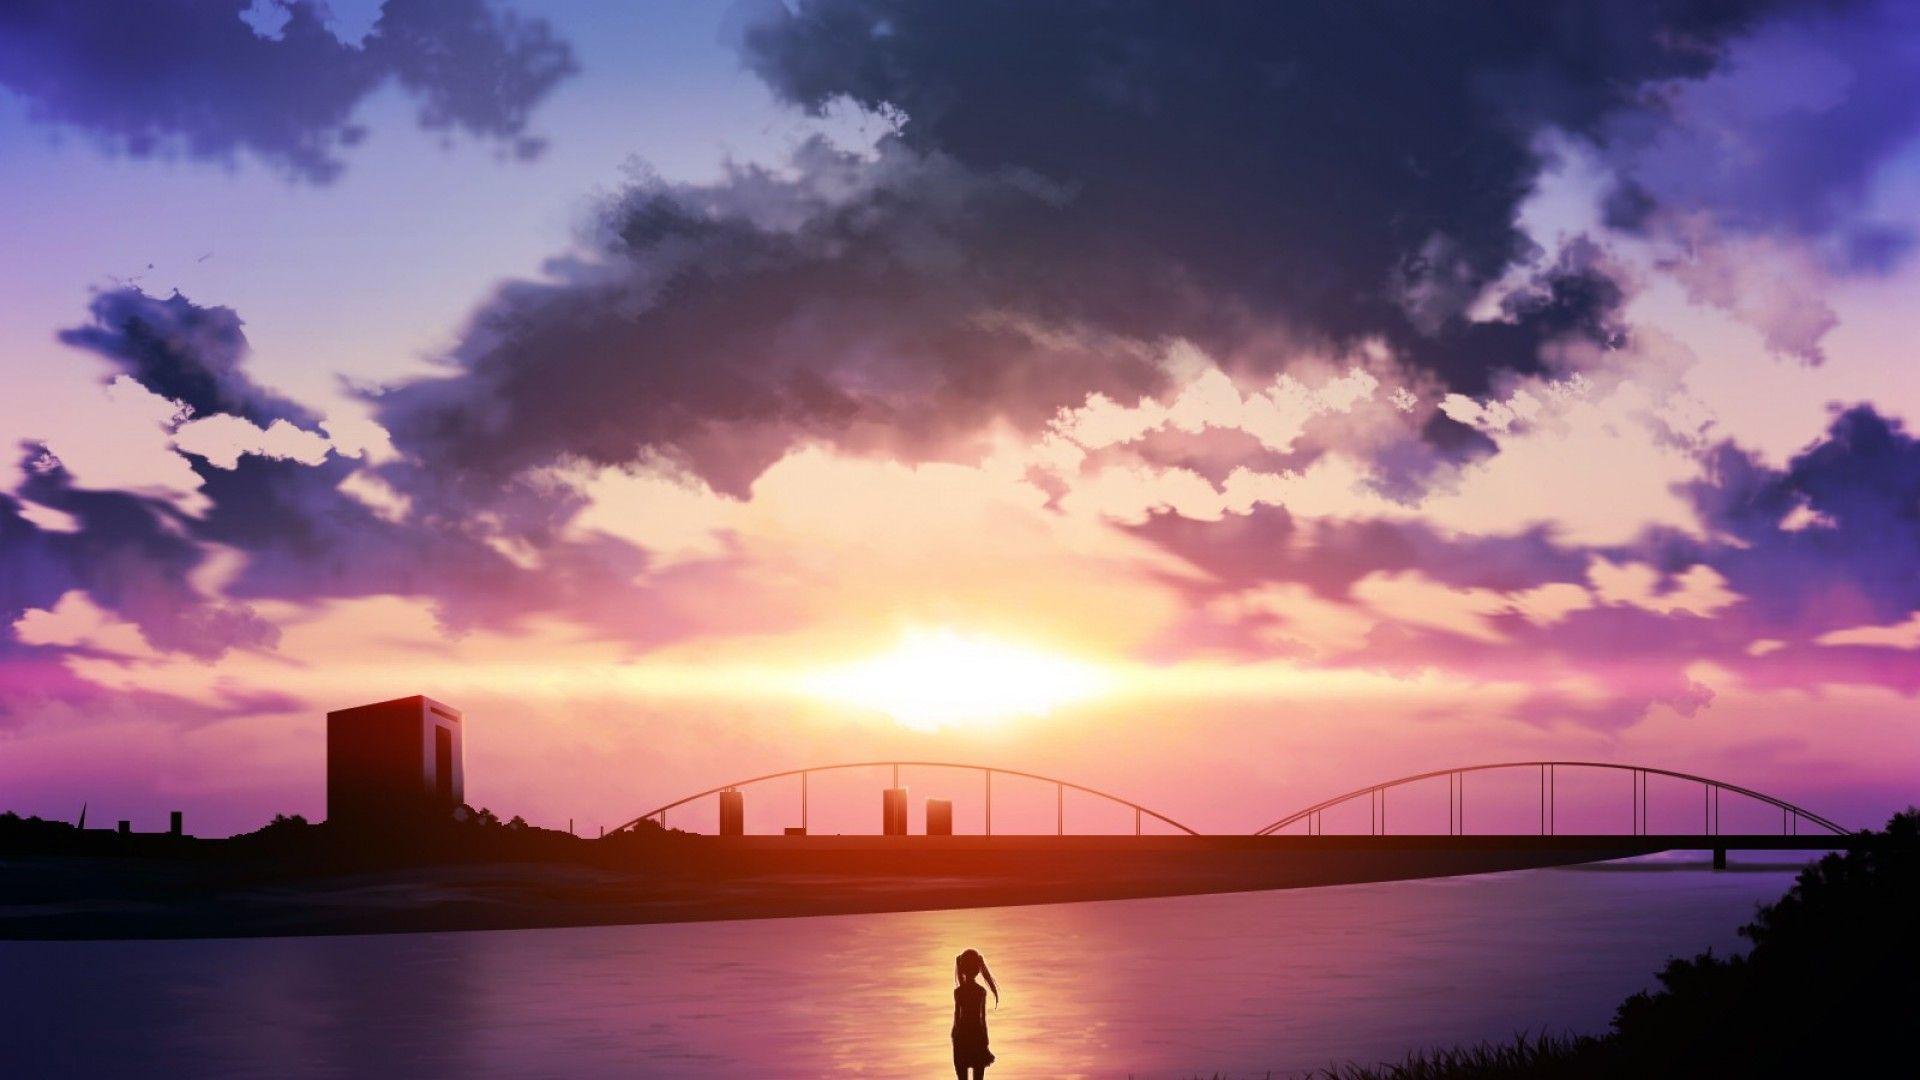 scenic anime